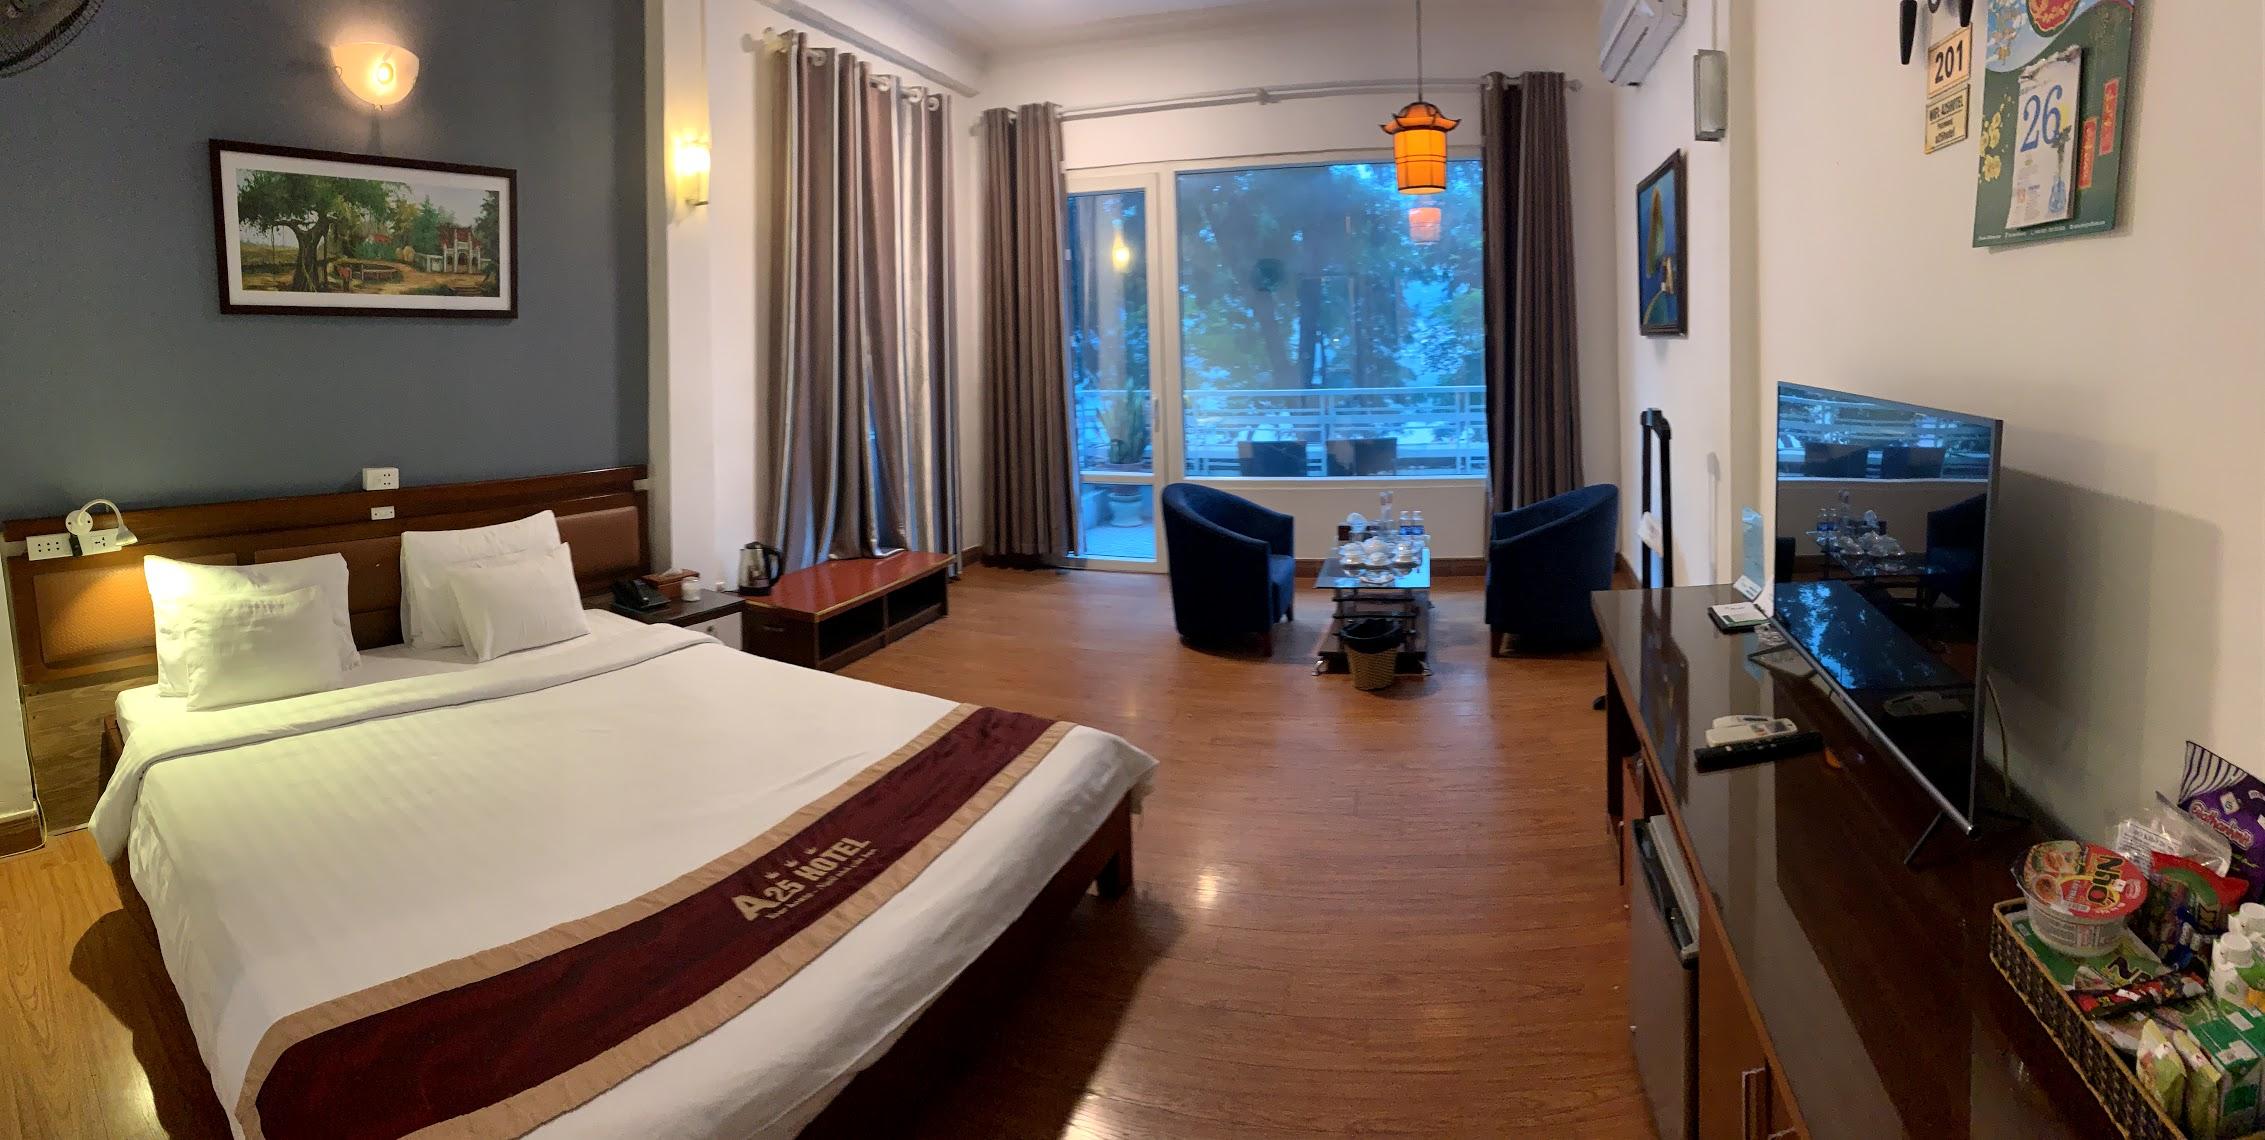 A25 Hotel - 57 Quang Trung (Hai Bà Trưng - Hà Nội)